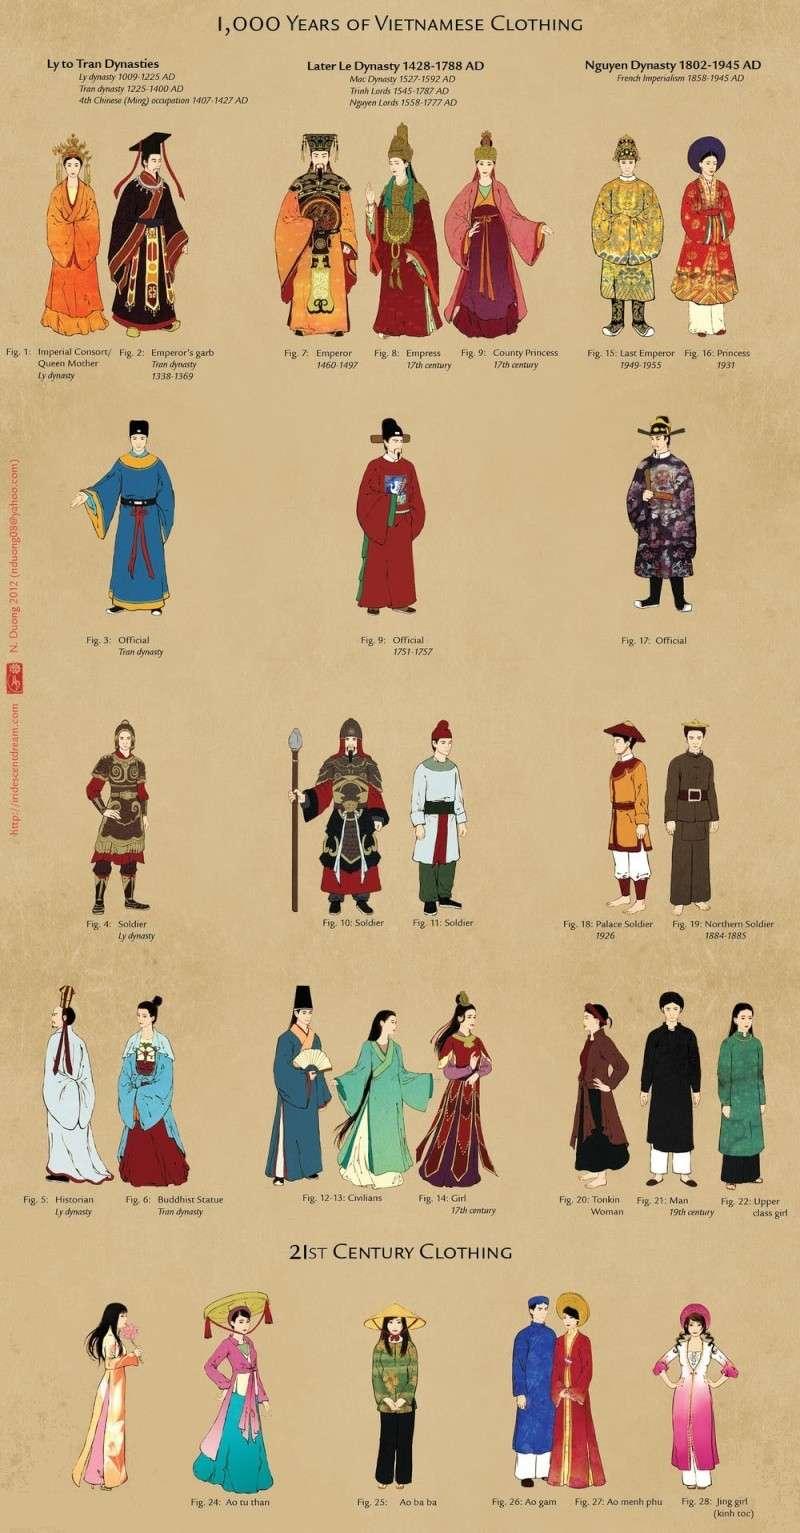 Hình ảnh về trang phục lịch sử Việt Nam Redsvn11